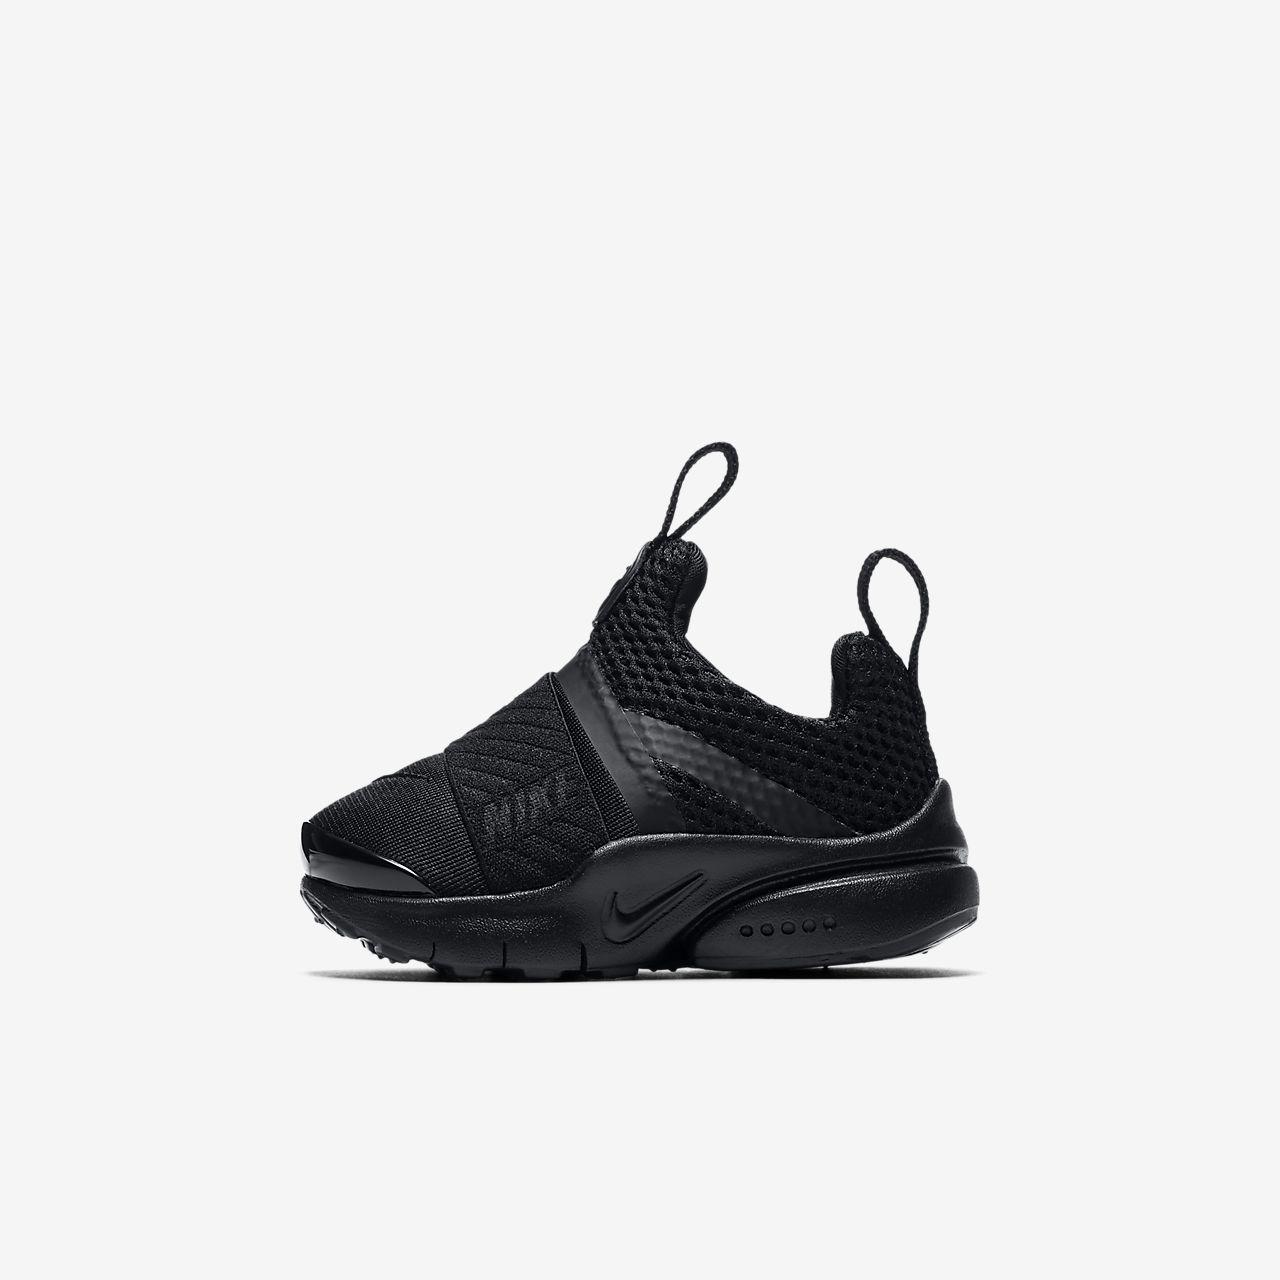 c614ca9af21a46 Nike Presto Extreme Infant Toddler Shoe